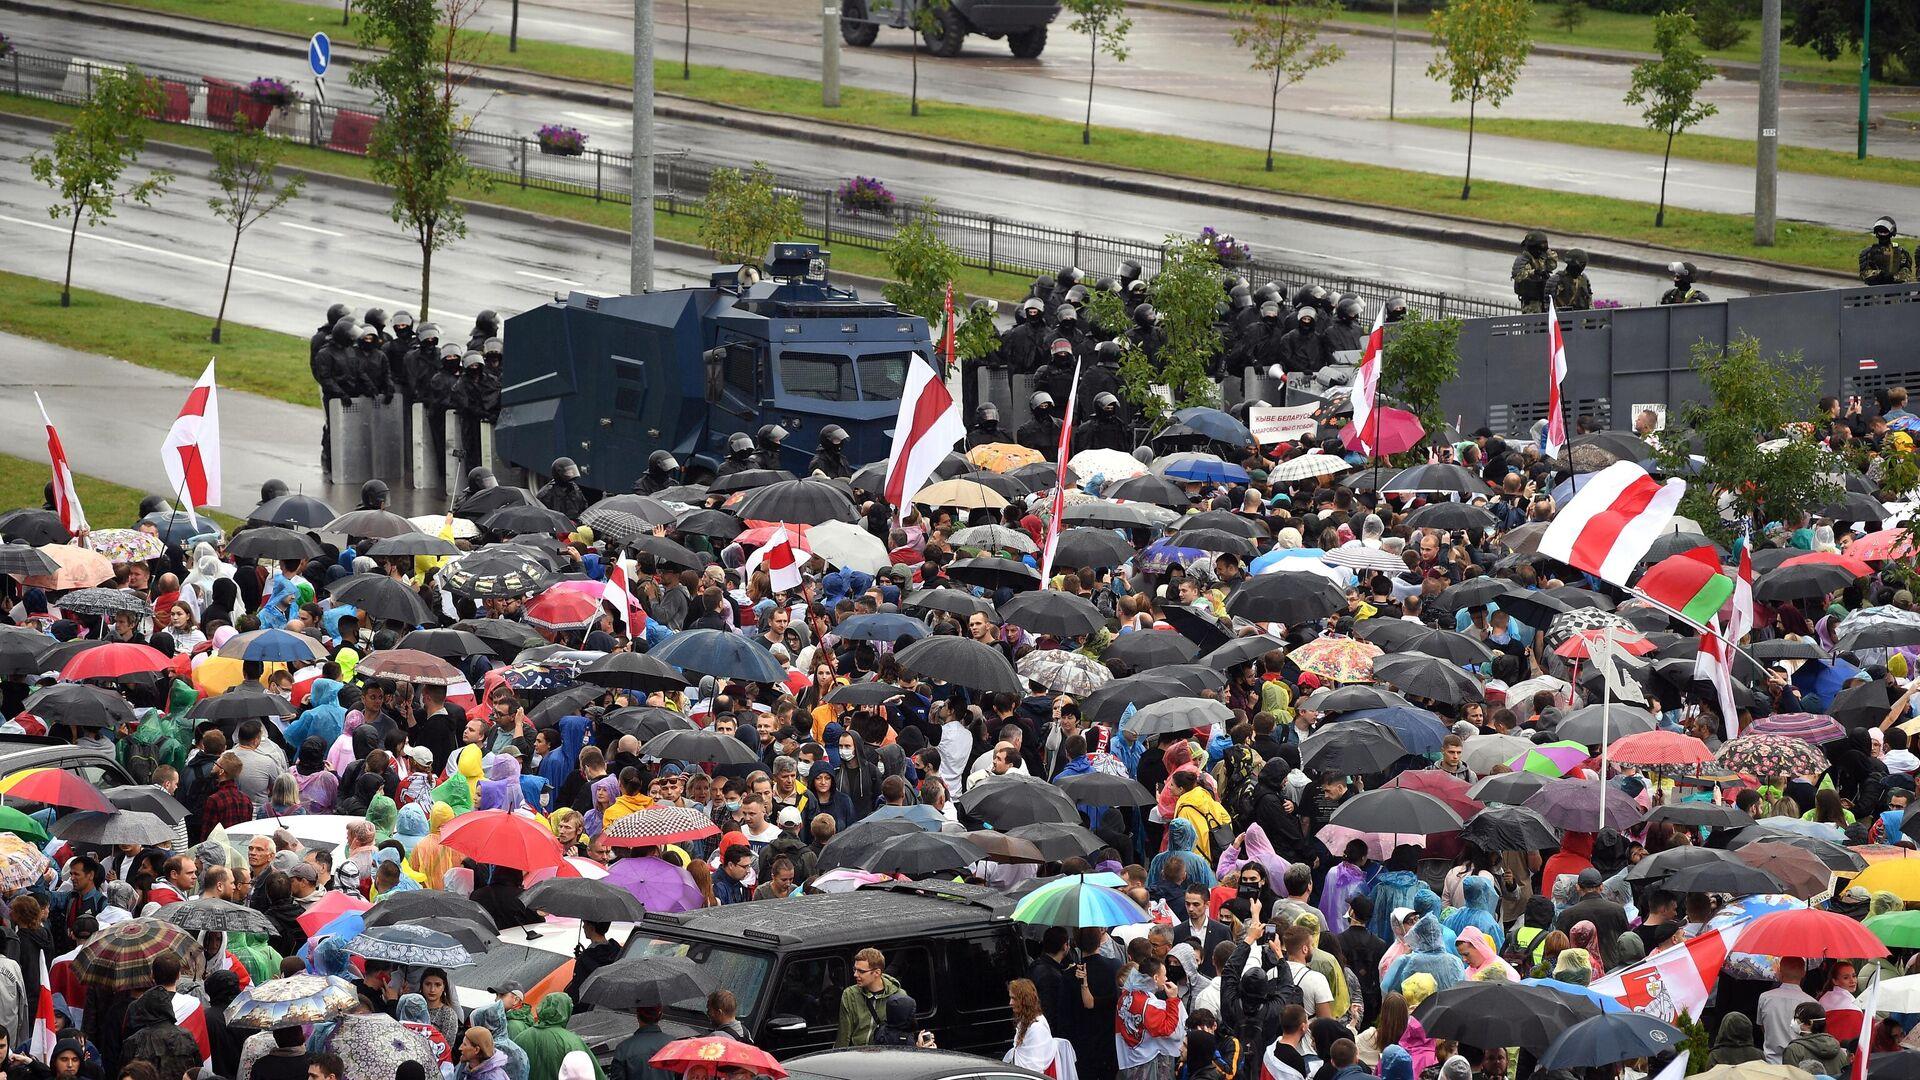 Участники несанкционированной акции оппозиции Марш единства и сотрудники милиции в Минске - РИА Новости, 1920, 18.09.2020